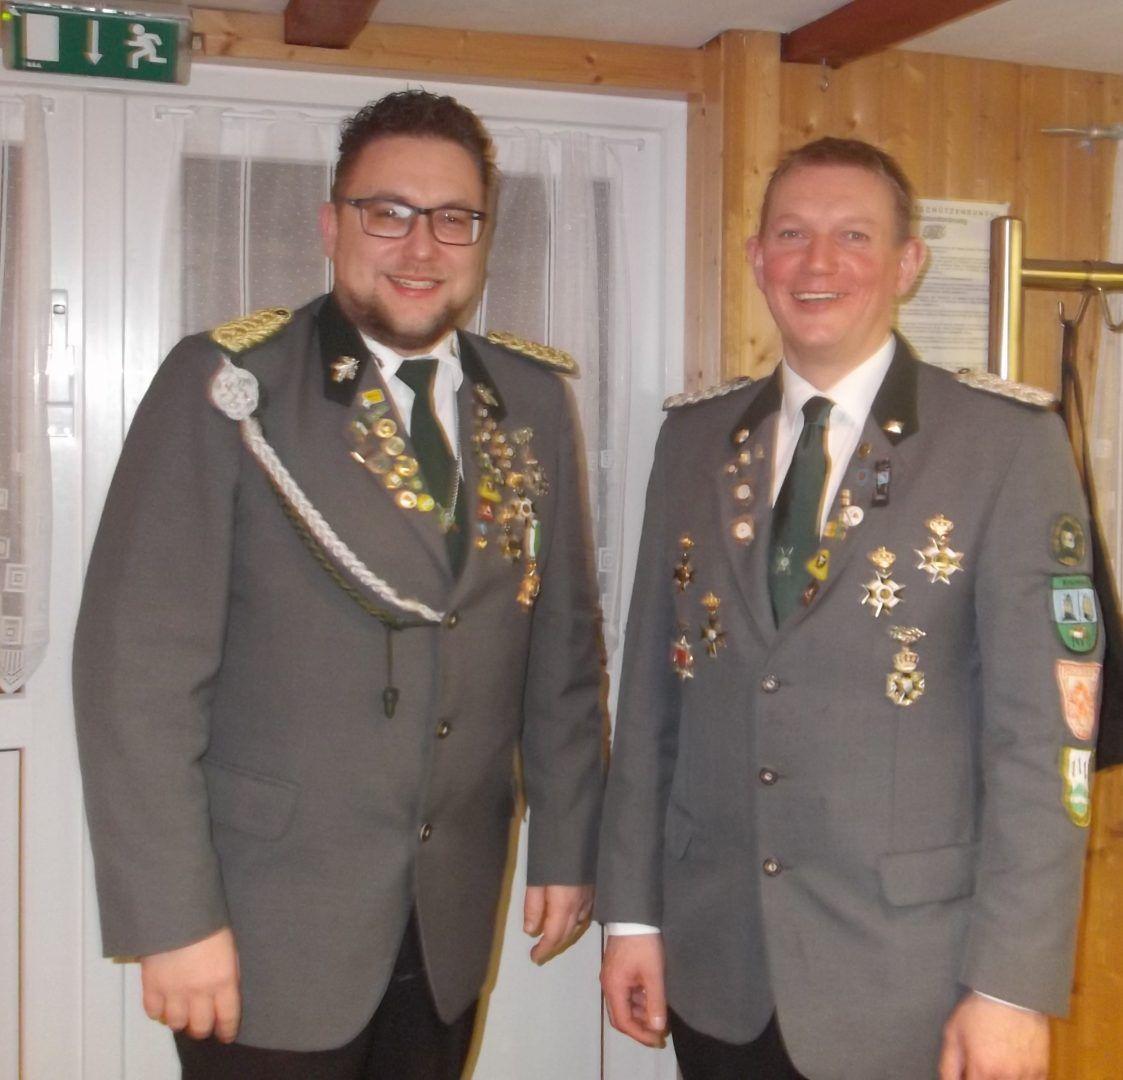 Nach Einen Jahr Ohne Jan Umlandt Neuer Prasident Im Neulandermoor